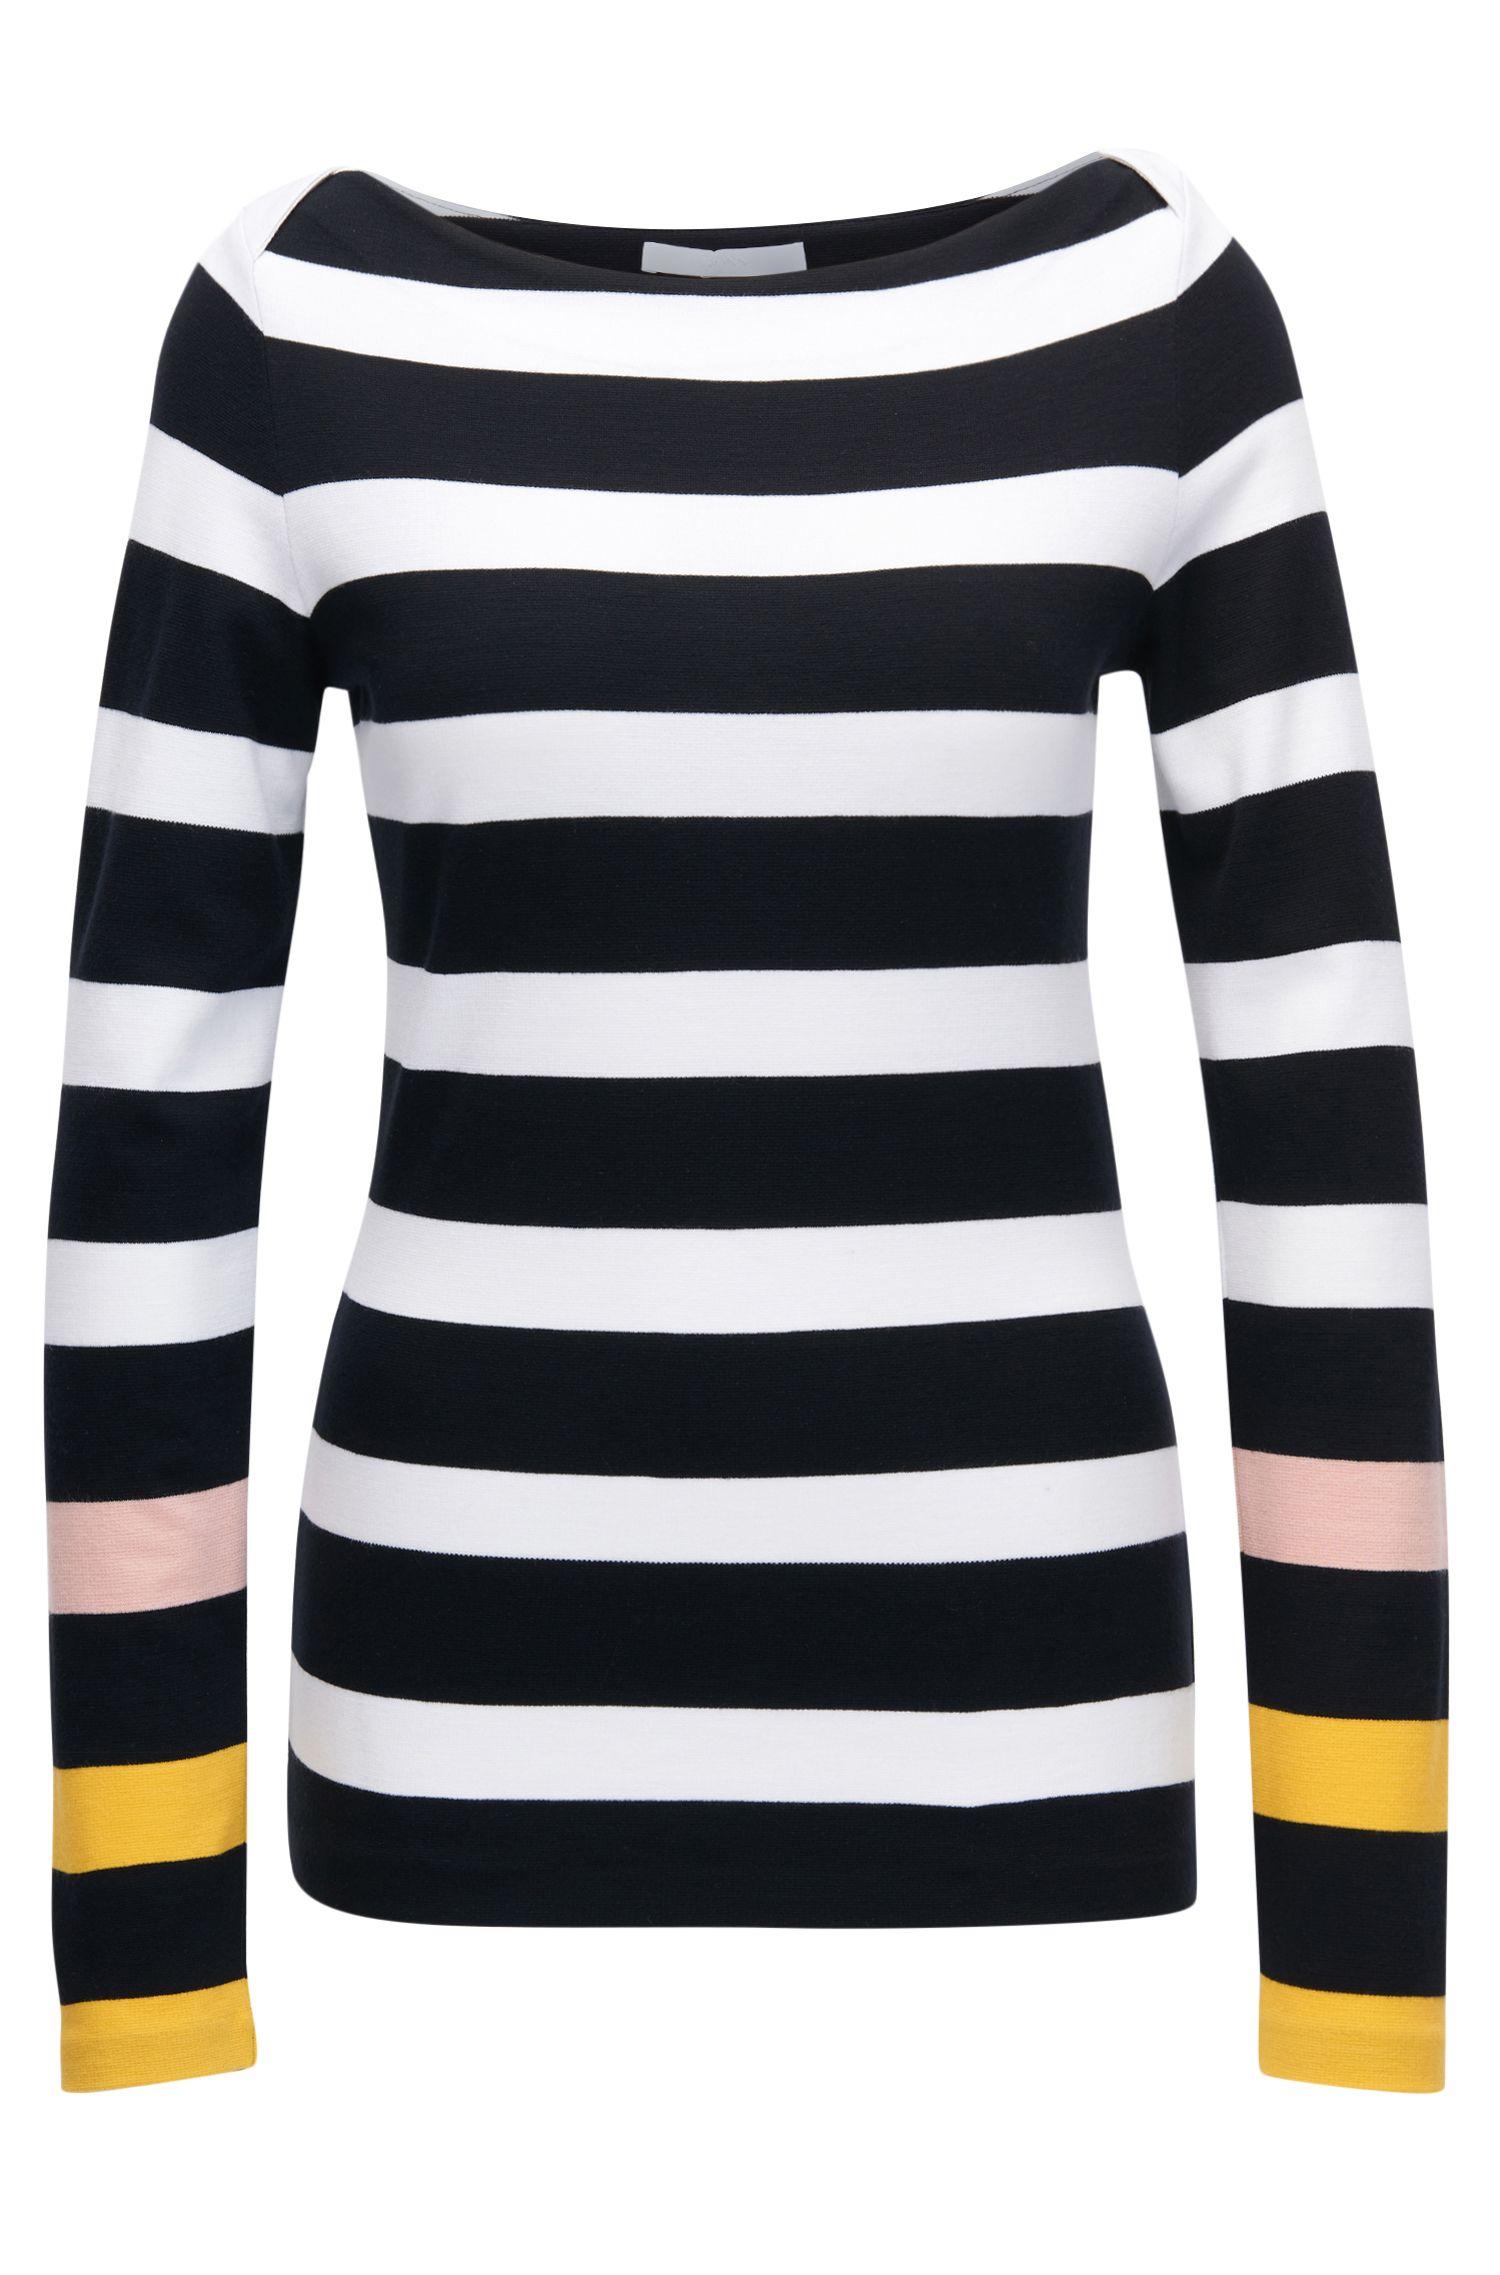 Nautical-striped top in stretch fabric